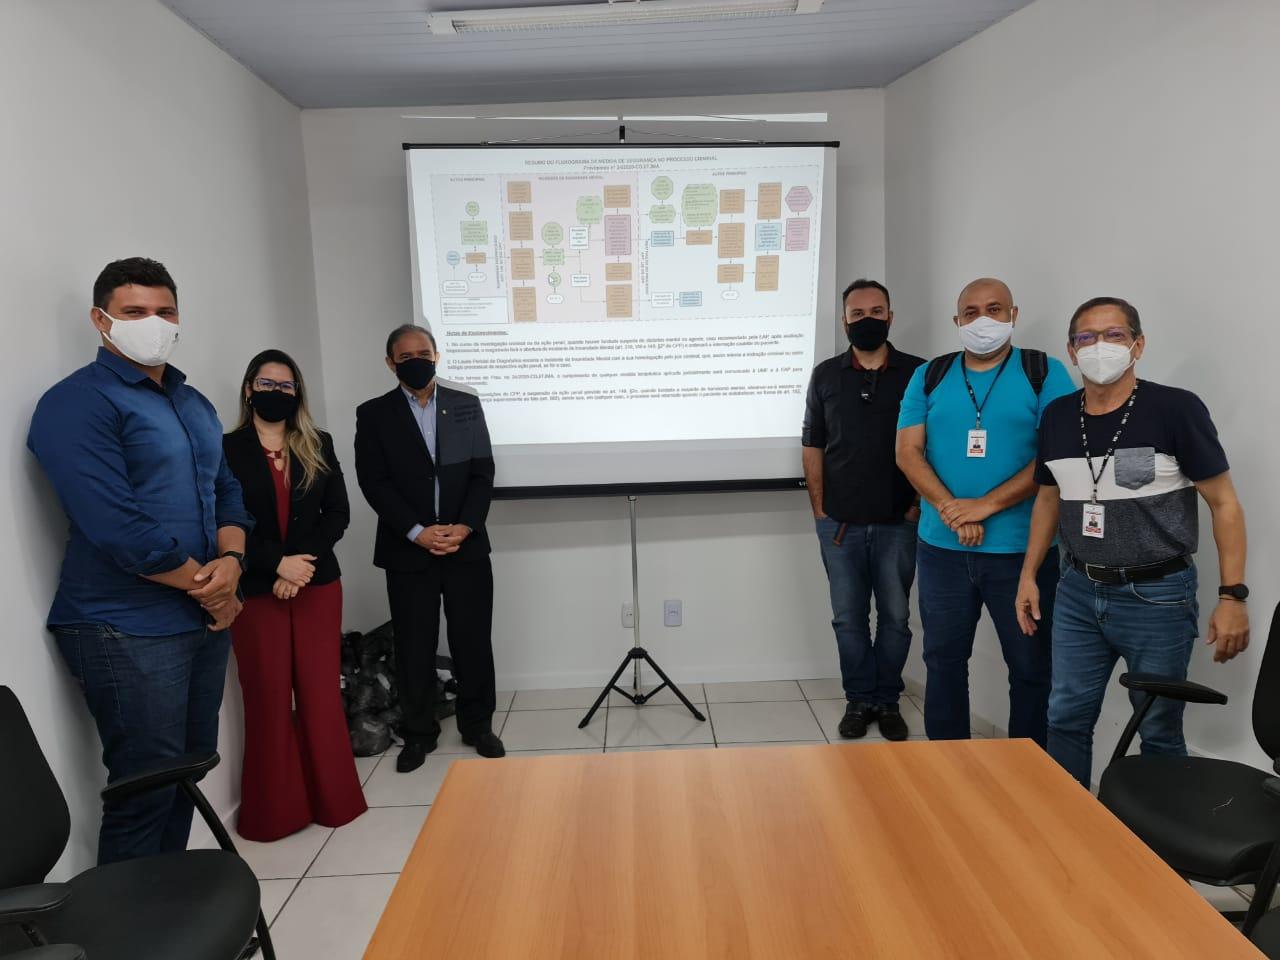 Unidade de Monitoramento Carcerário do TJMA lança novo fluxograma